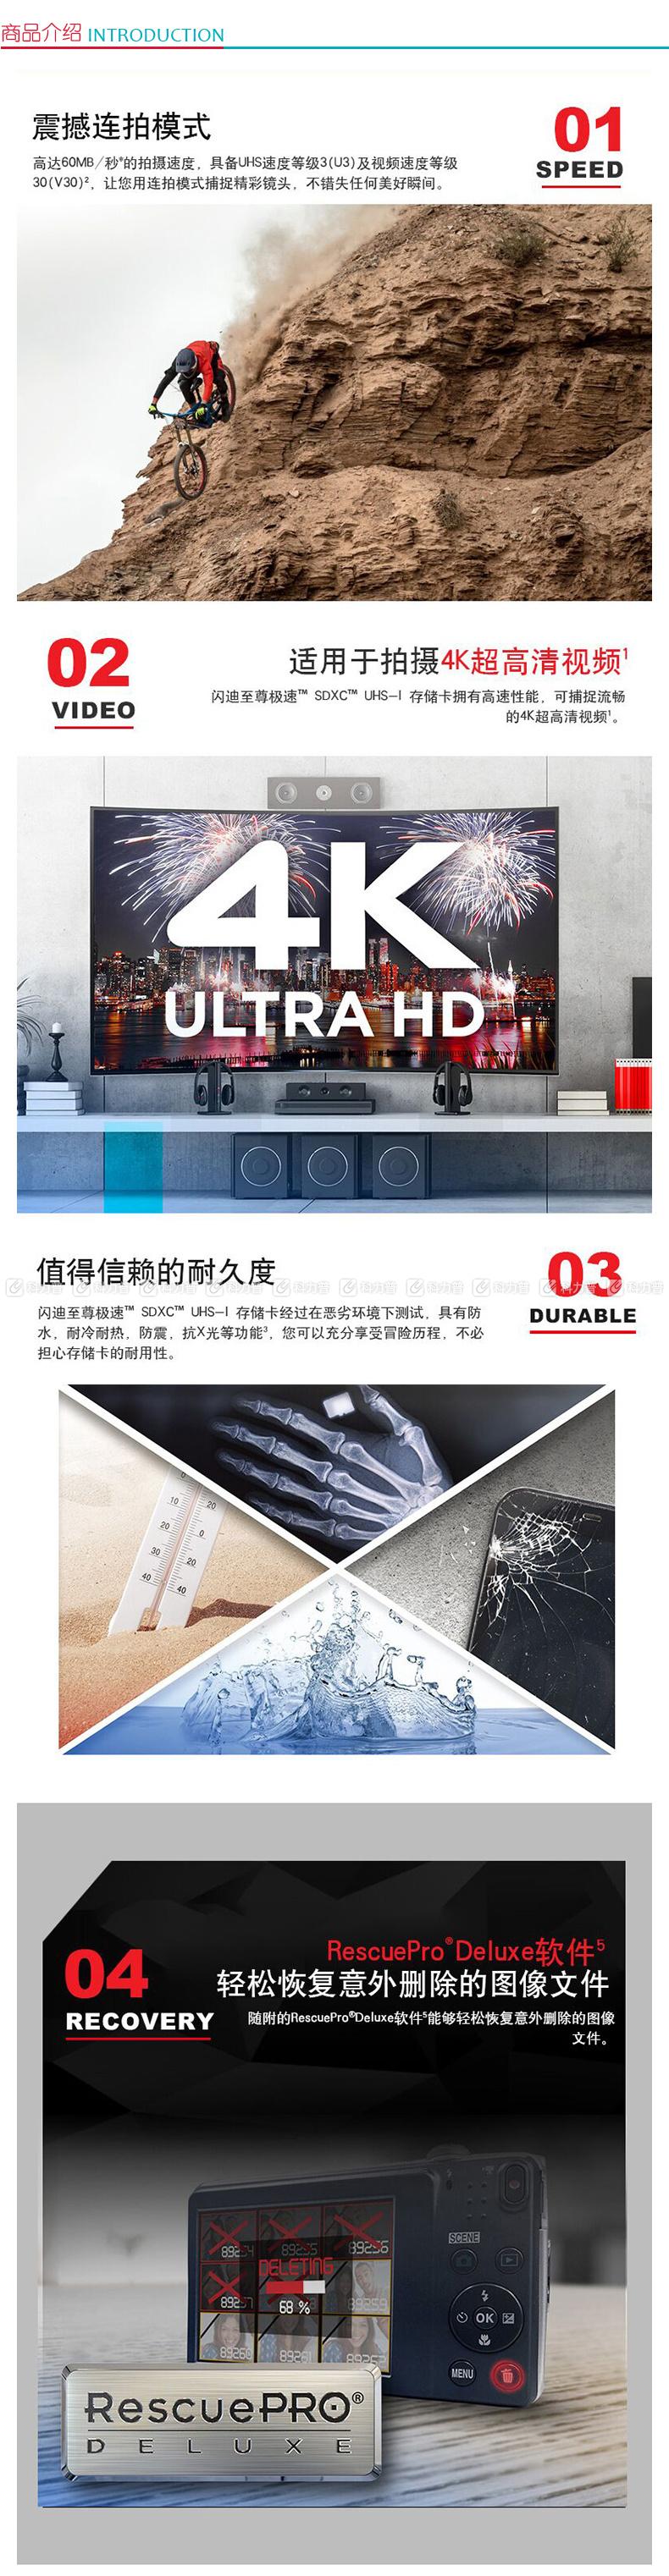 闪迪 SanDisk SD存储卡 U3 C10 V30 4K 64GB 至尊极速版 读速150MB/s 写速60MB/s 高速连拍 数码相机伴侣